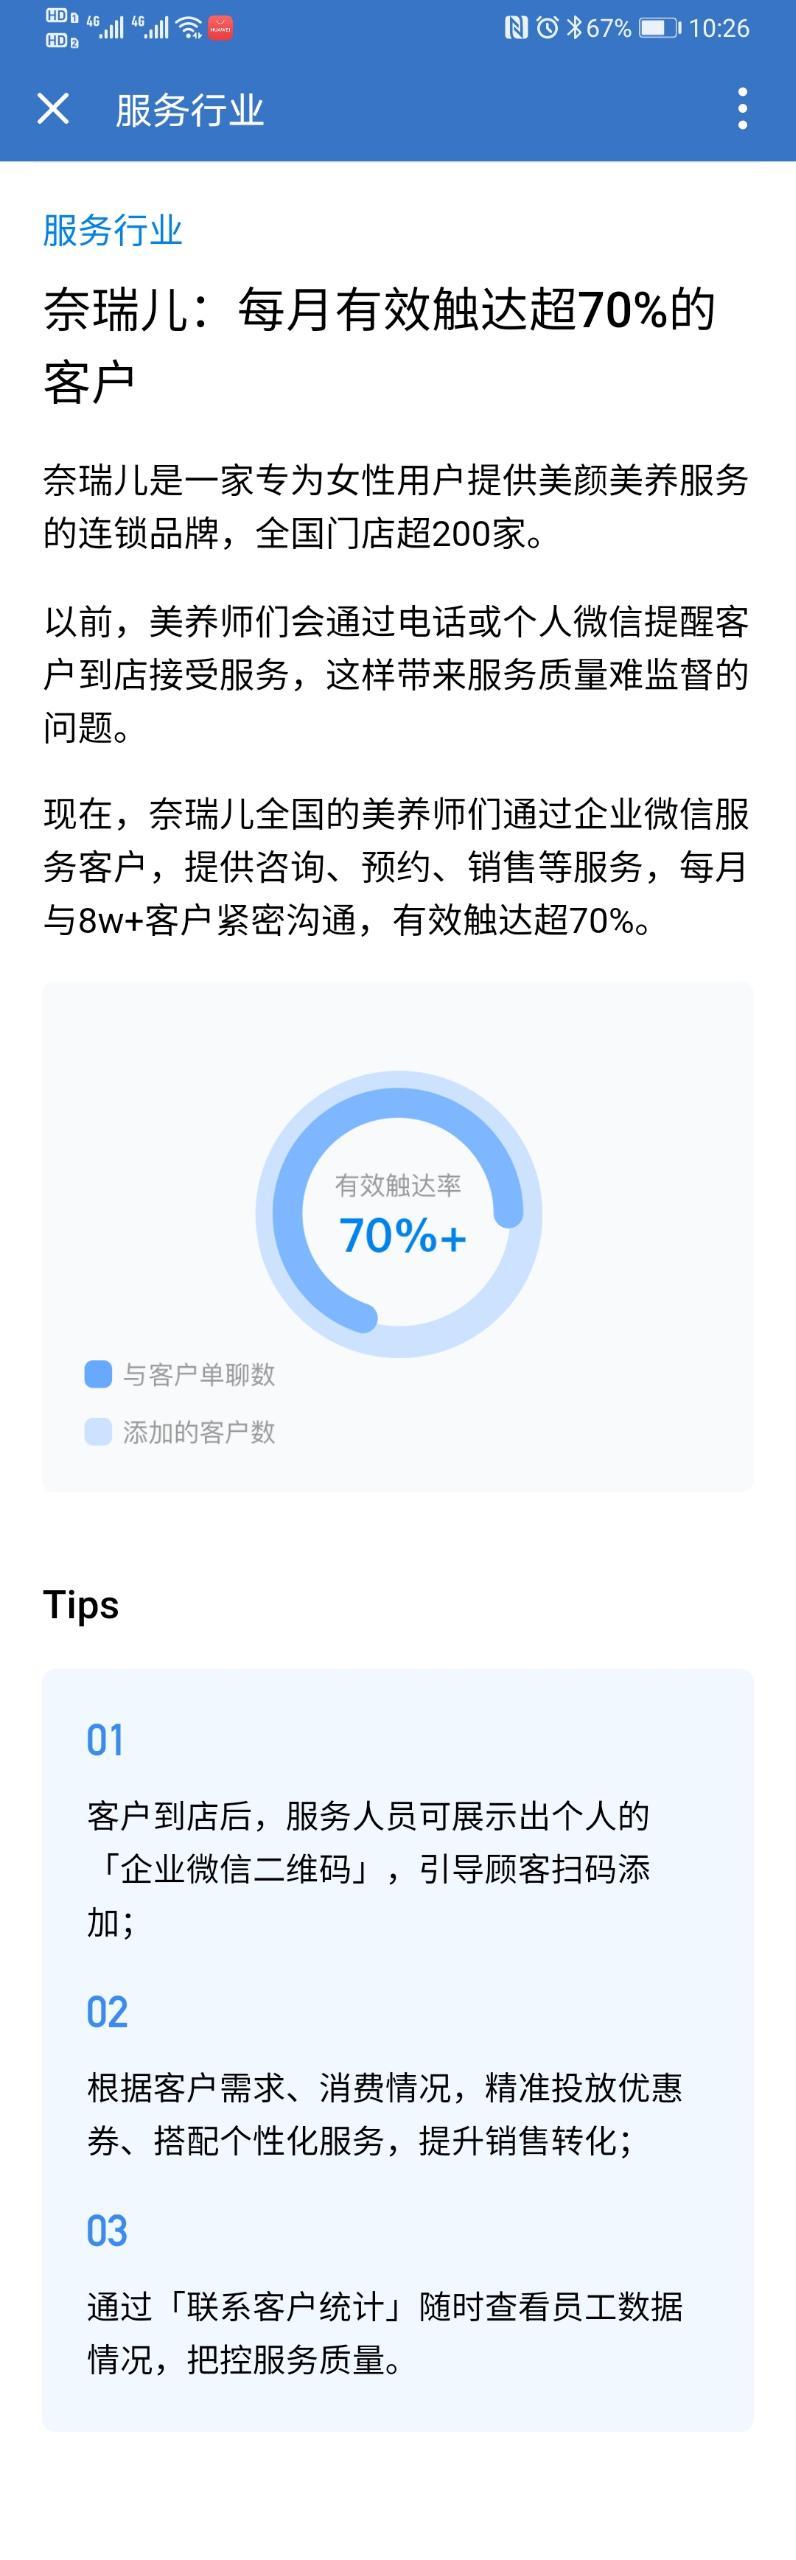 企业微信服务行业案例:奈瑞儿:每月有效触达超70%的客户!